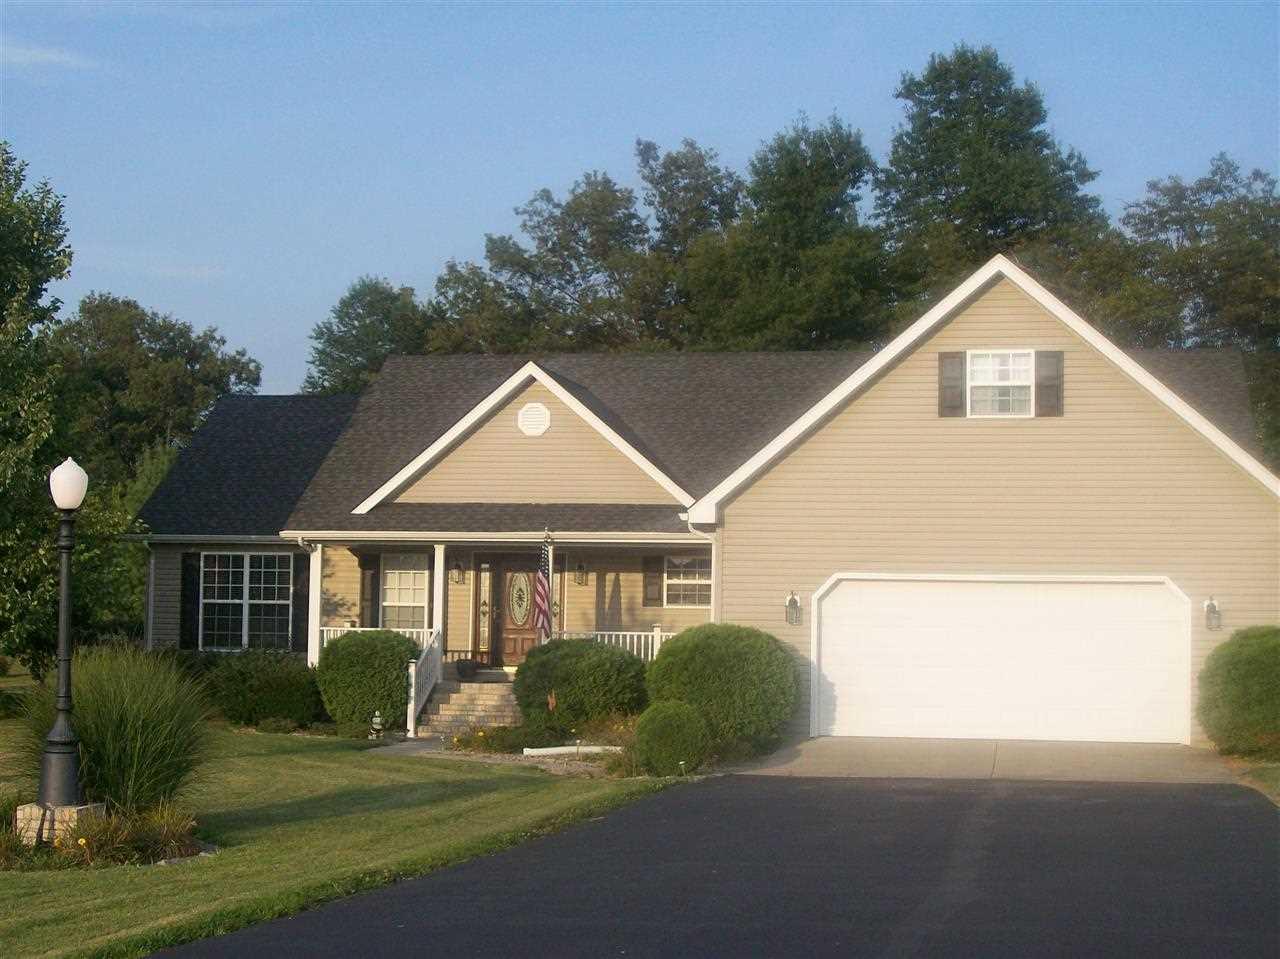 Real Estate for Sale, ListingId: 29359206, Kevil,KY42053